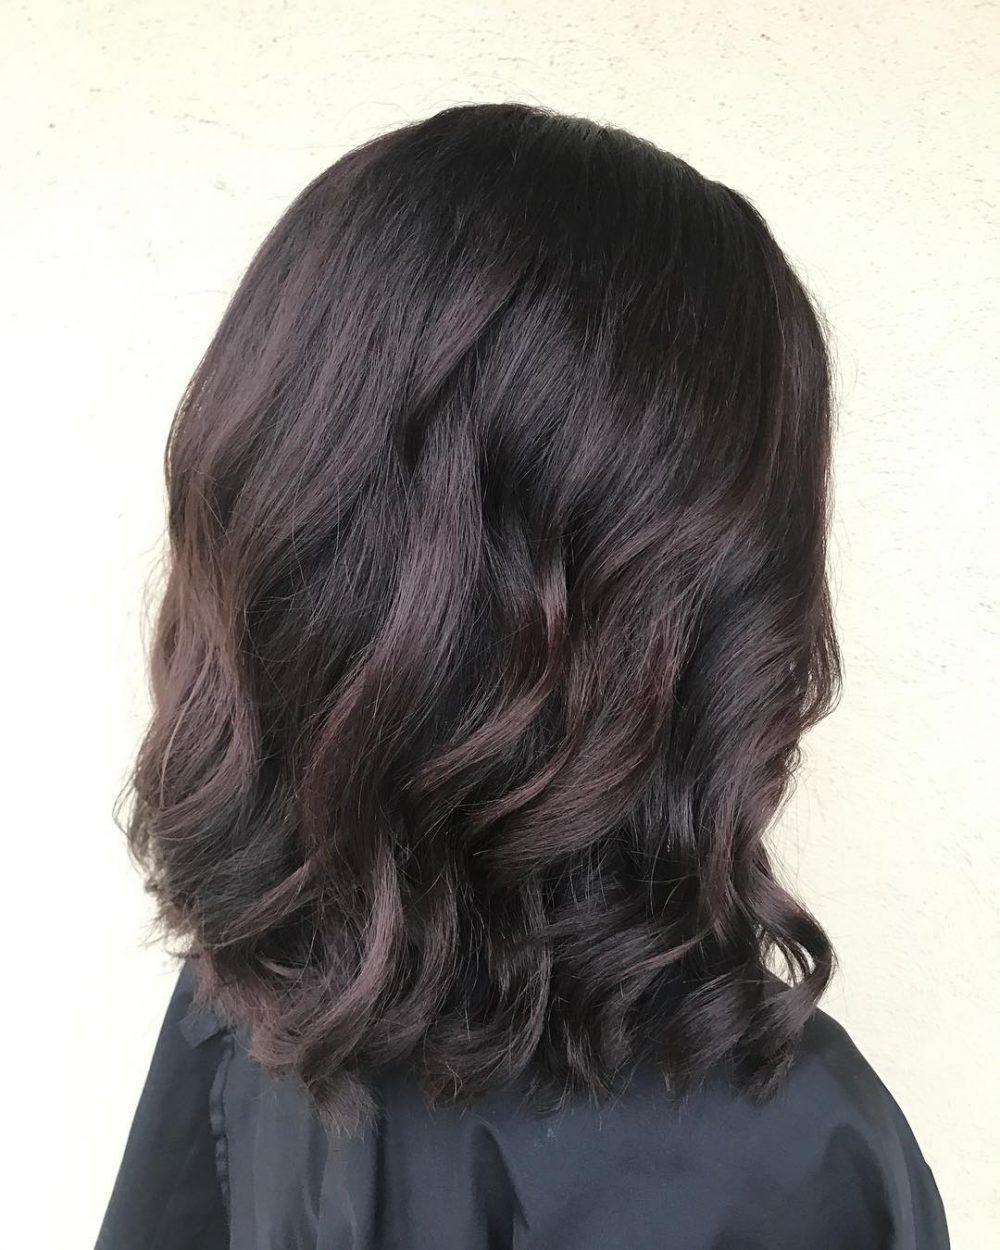 متفاوت ترین مدل رنگ موی تیره